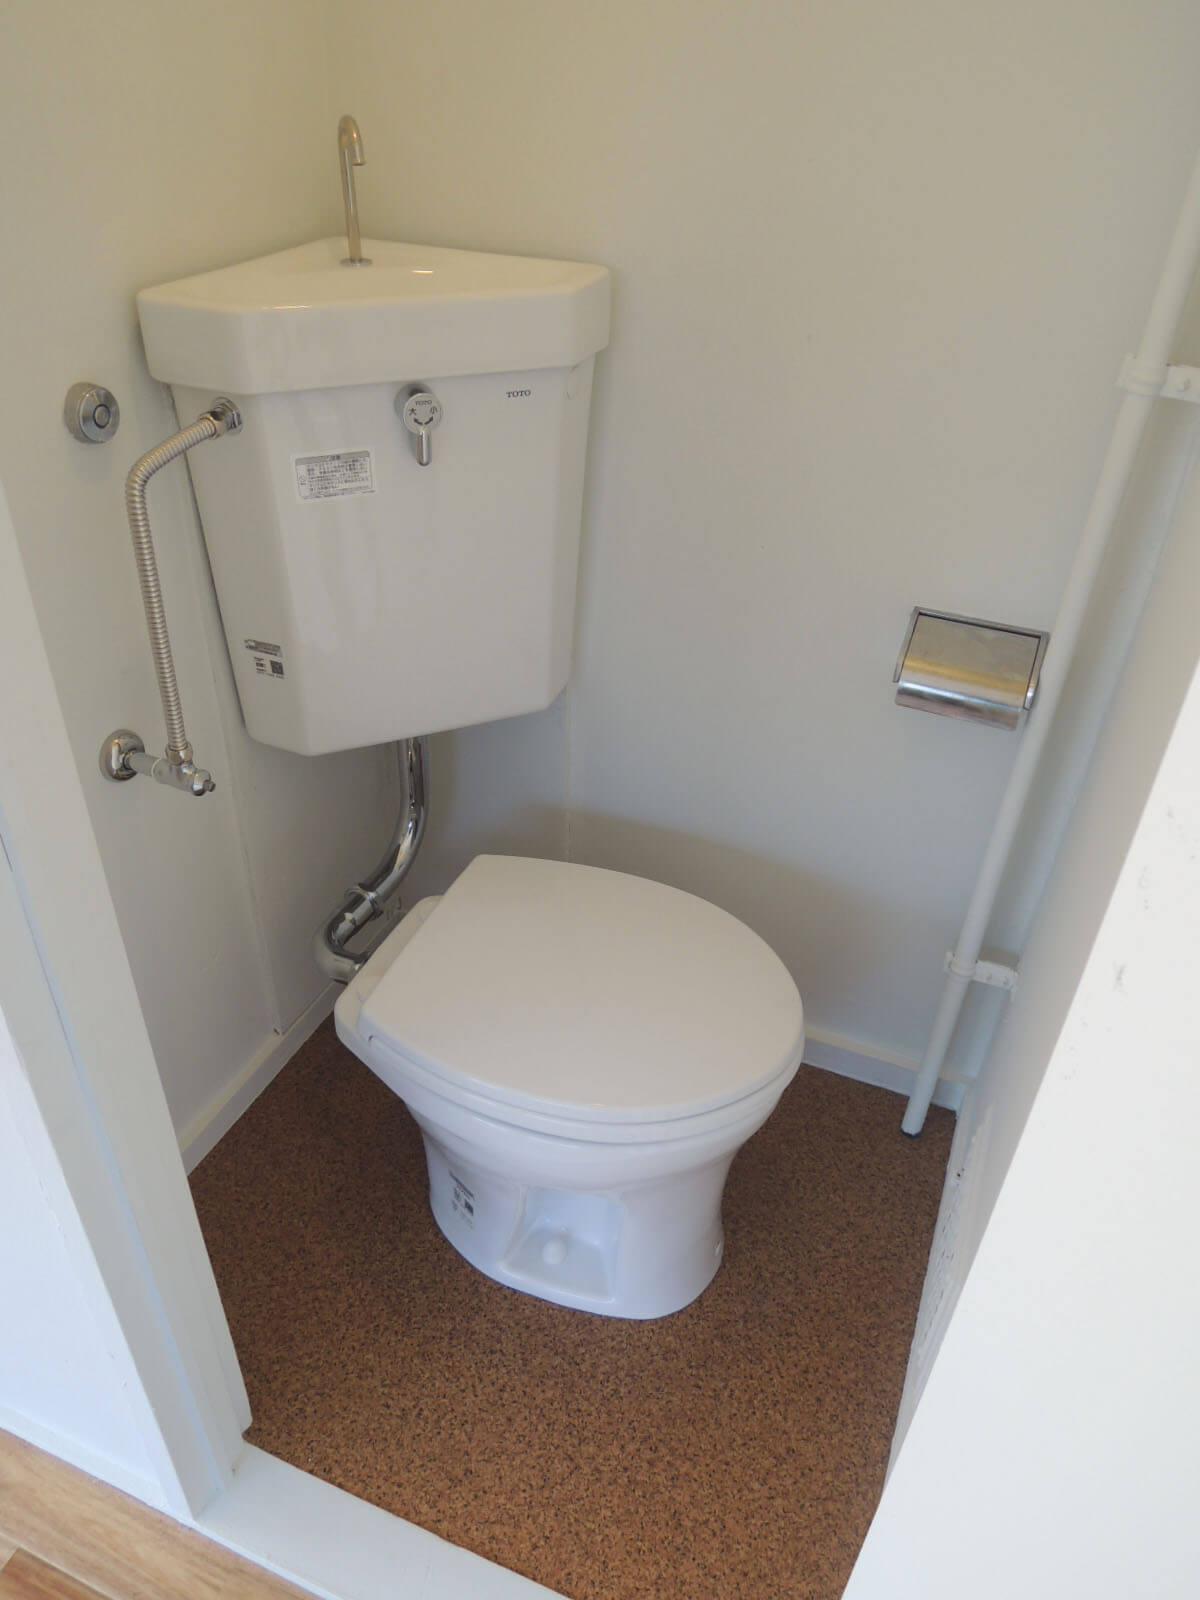 トイレは狭く大きな人は膝が壁に当たるかも